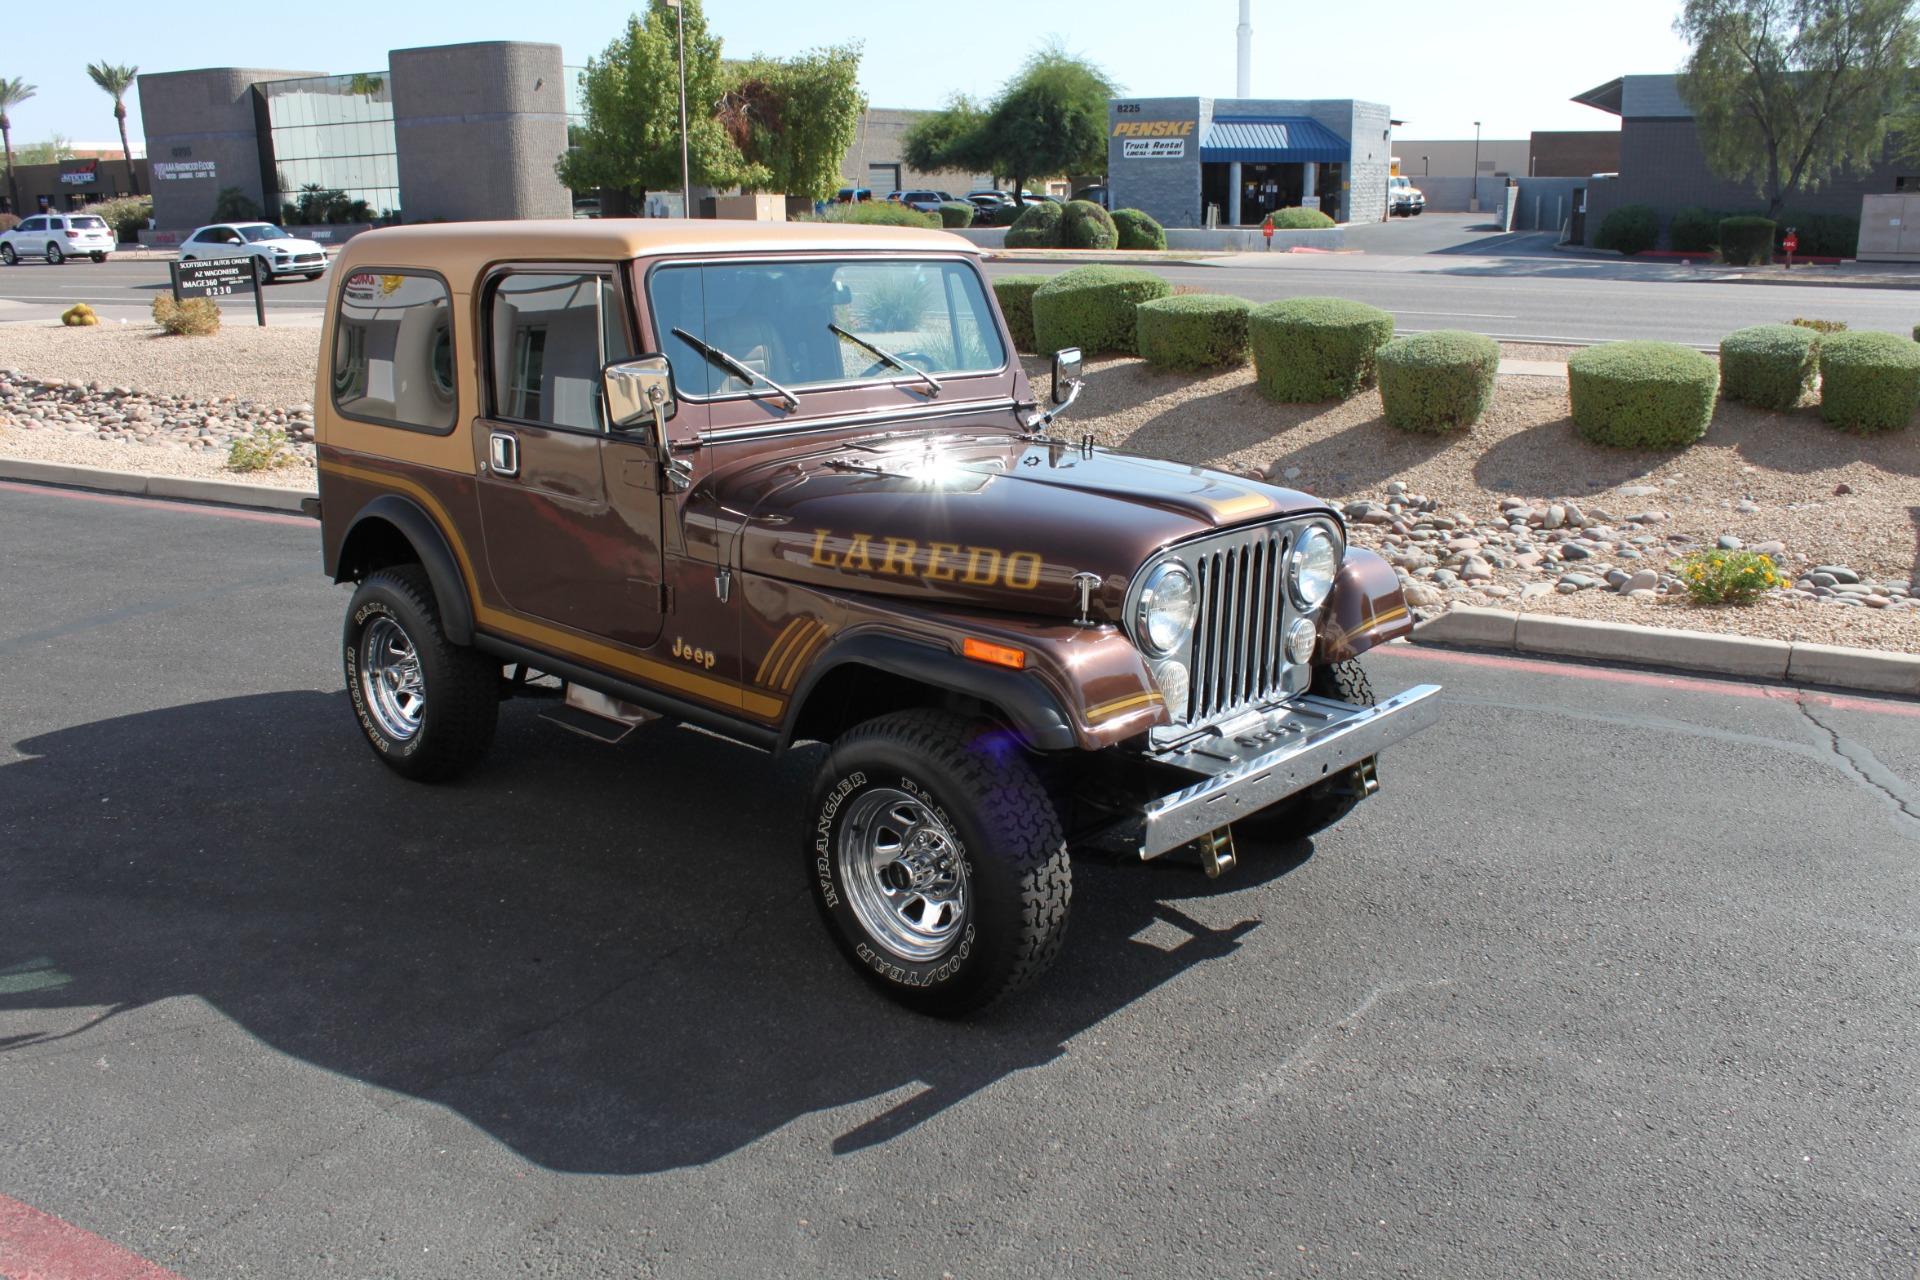 Used-1985-Jeep-CJ-7-Laredo-4WD-Chevelle